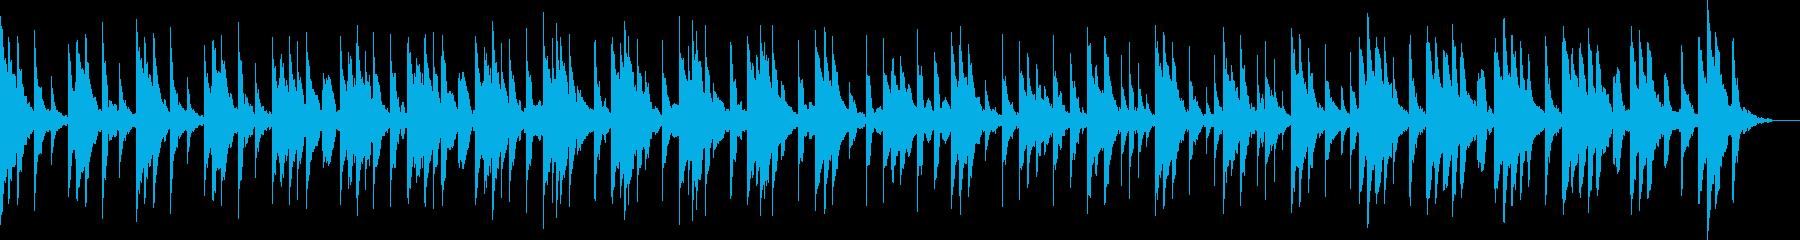 和風・じっとりと怖いホラー曲の再生済みの波形